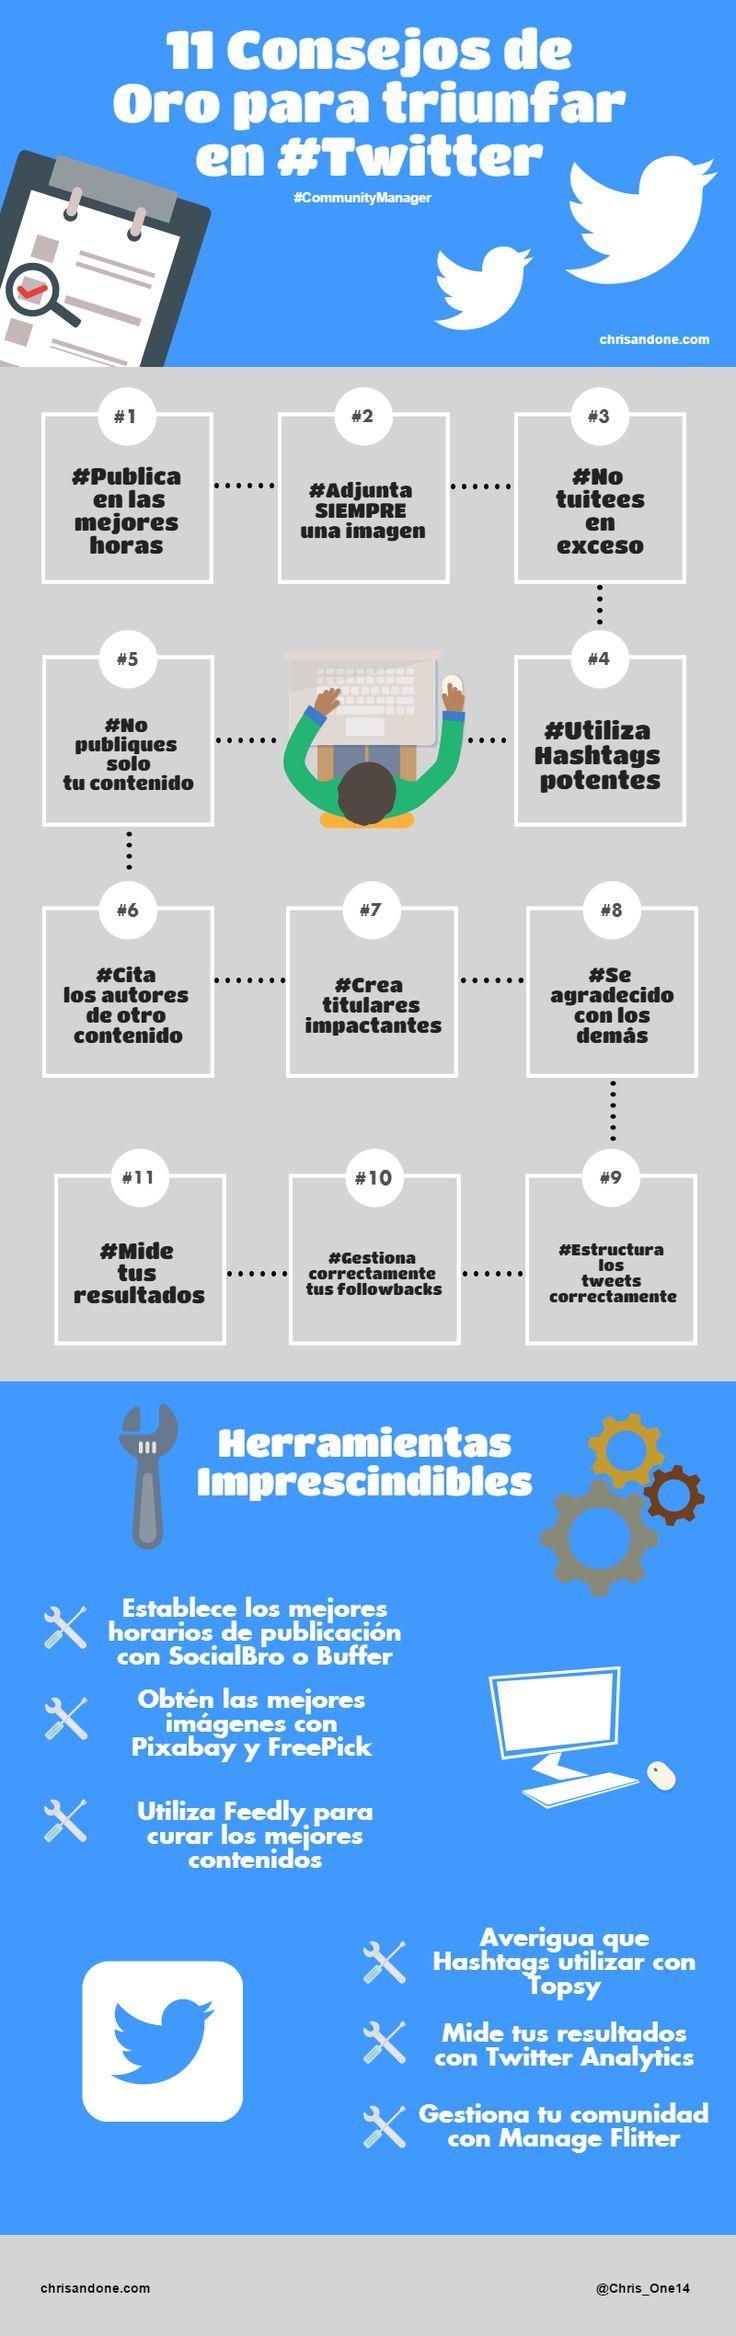 11 consejos de oro para pensar en Twitter #infografia #infographic #socialmedia